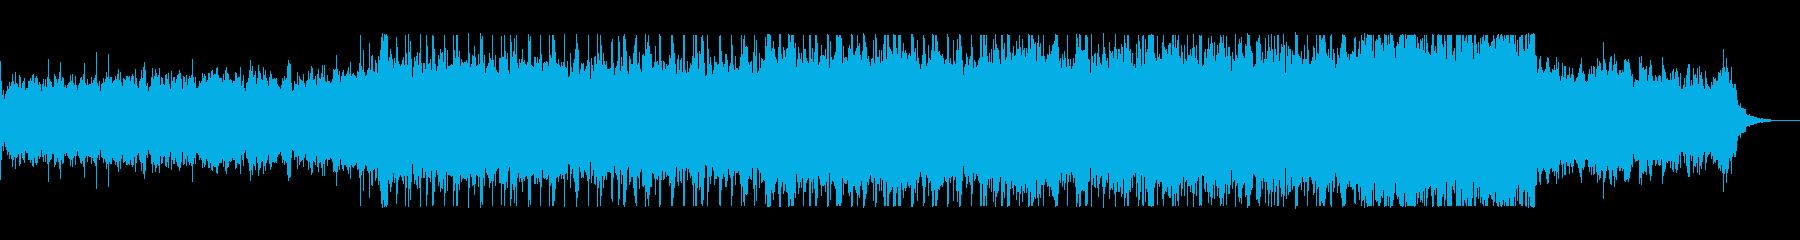 重みのあるリズムがかっこいいロックの再生済みの波形